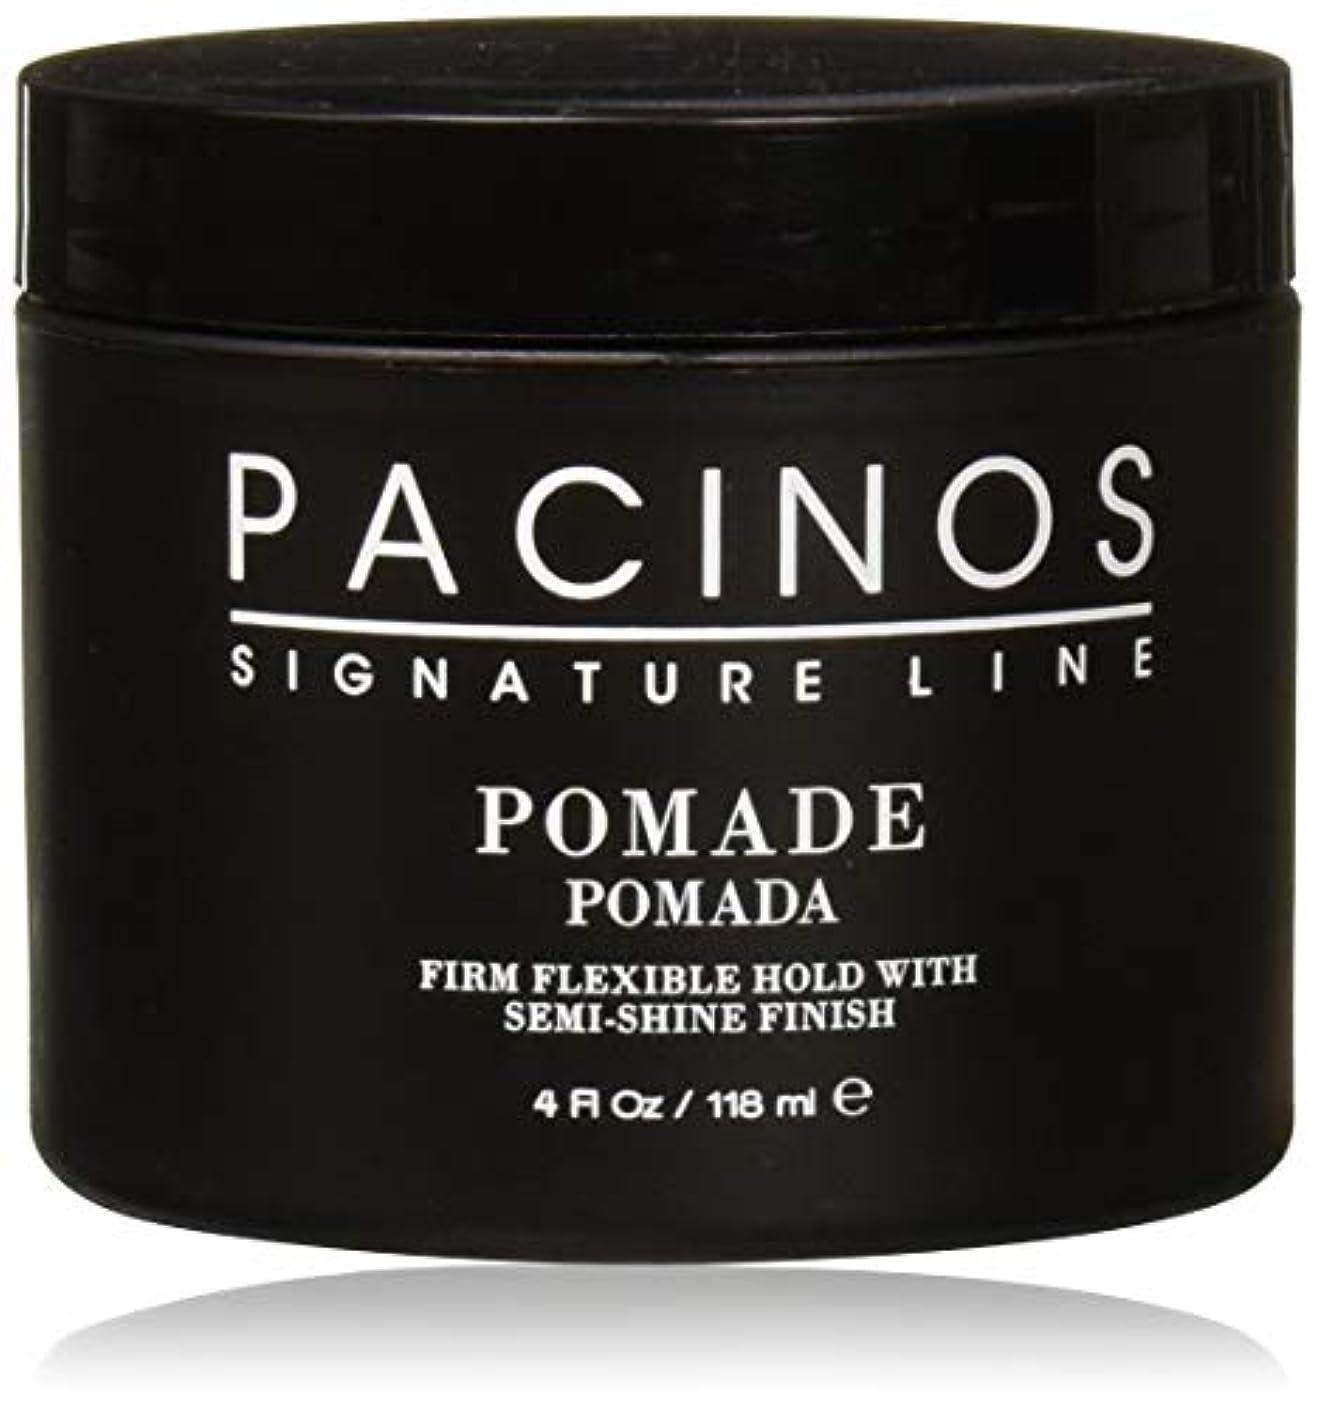 奴隷デコレーションインシュレータPacinos Pomade パチーノス?ポマード【日本正規品】4oz(118g)